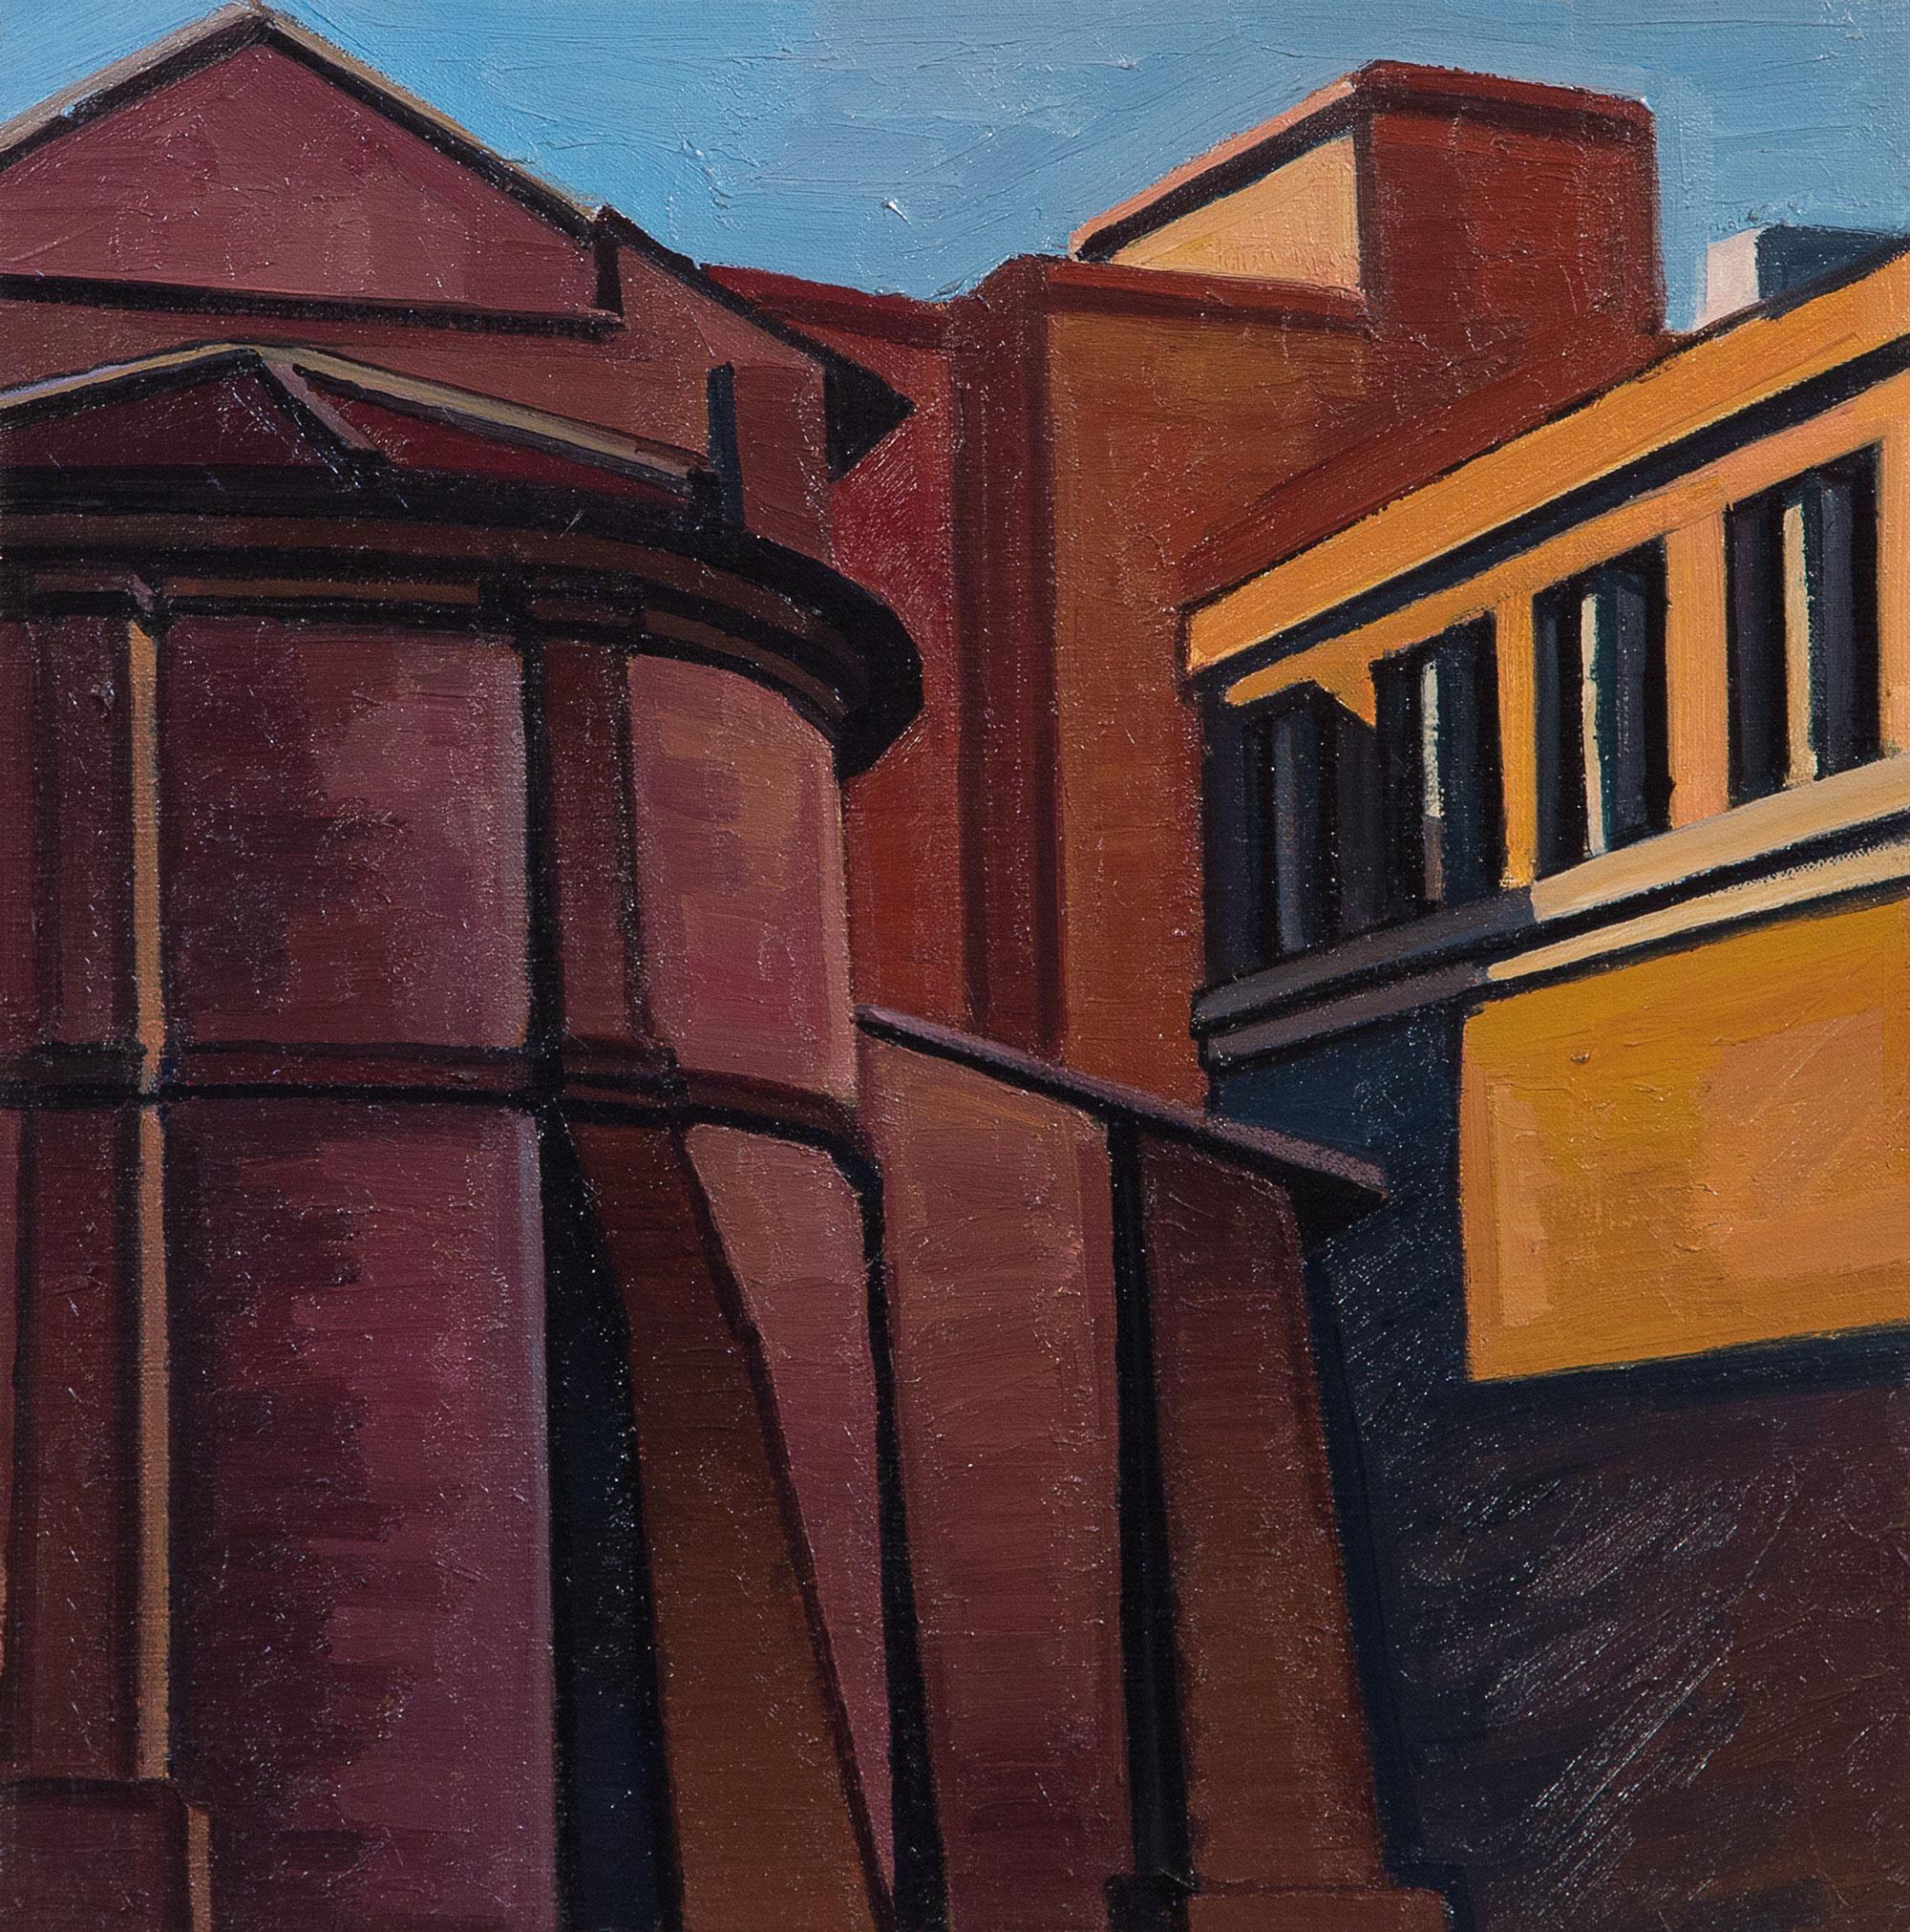 Cortile, 1995